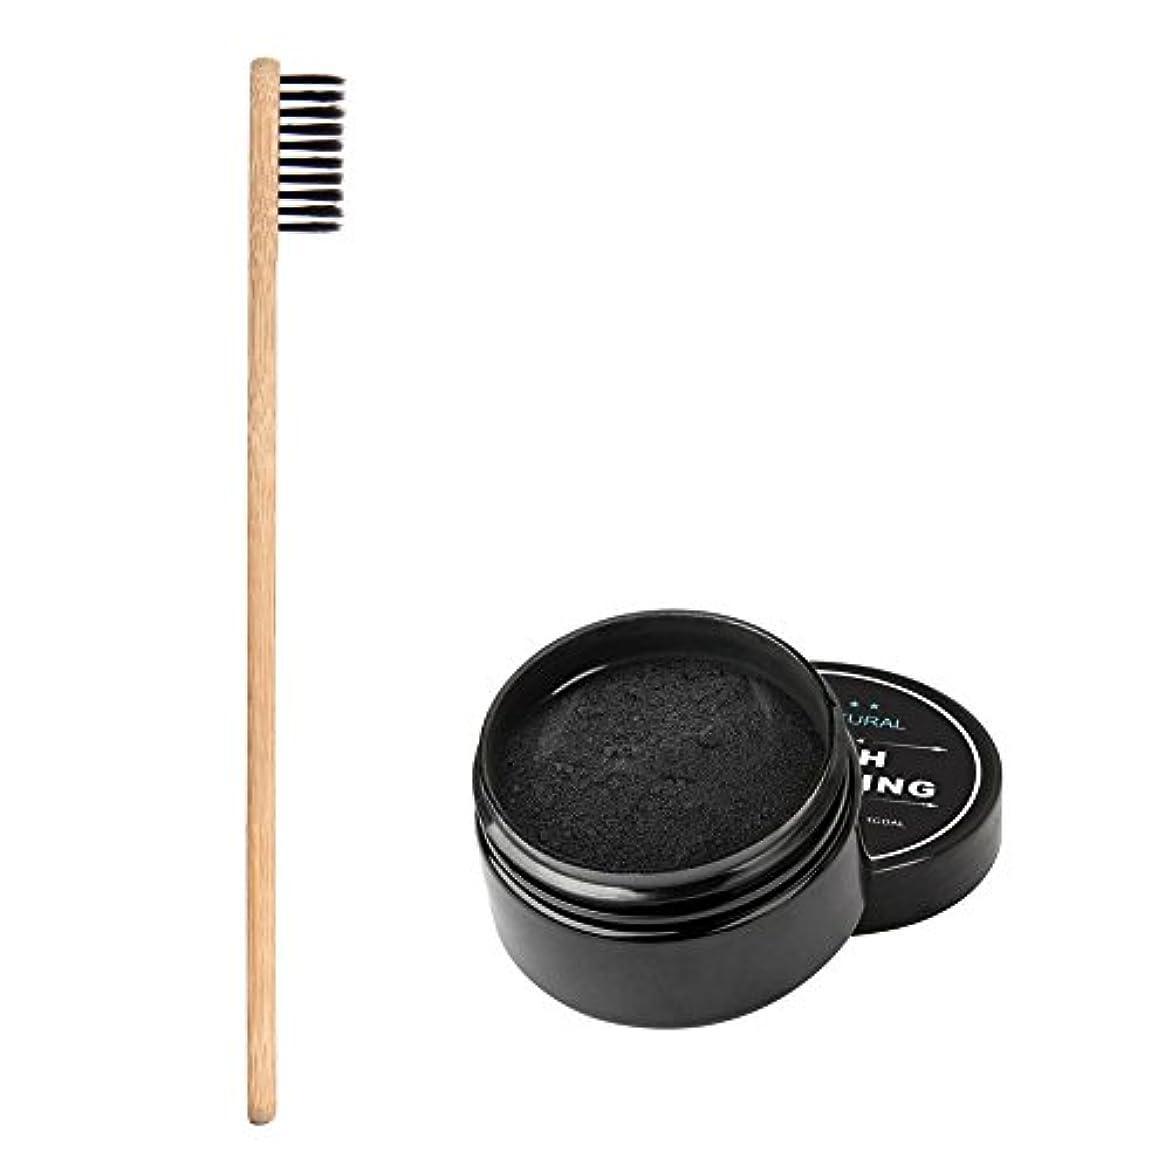 鎮痛剤損失ラフト【cheng-store】竹炭粉末歯磨き粉+歯ブラシセット 100%純粋な添加剤を含まない 歯の汚れを除去するために竹炭の歯の粉 健康白い歯を高めることができます